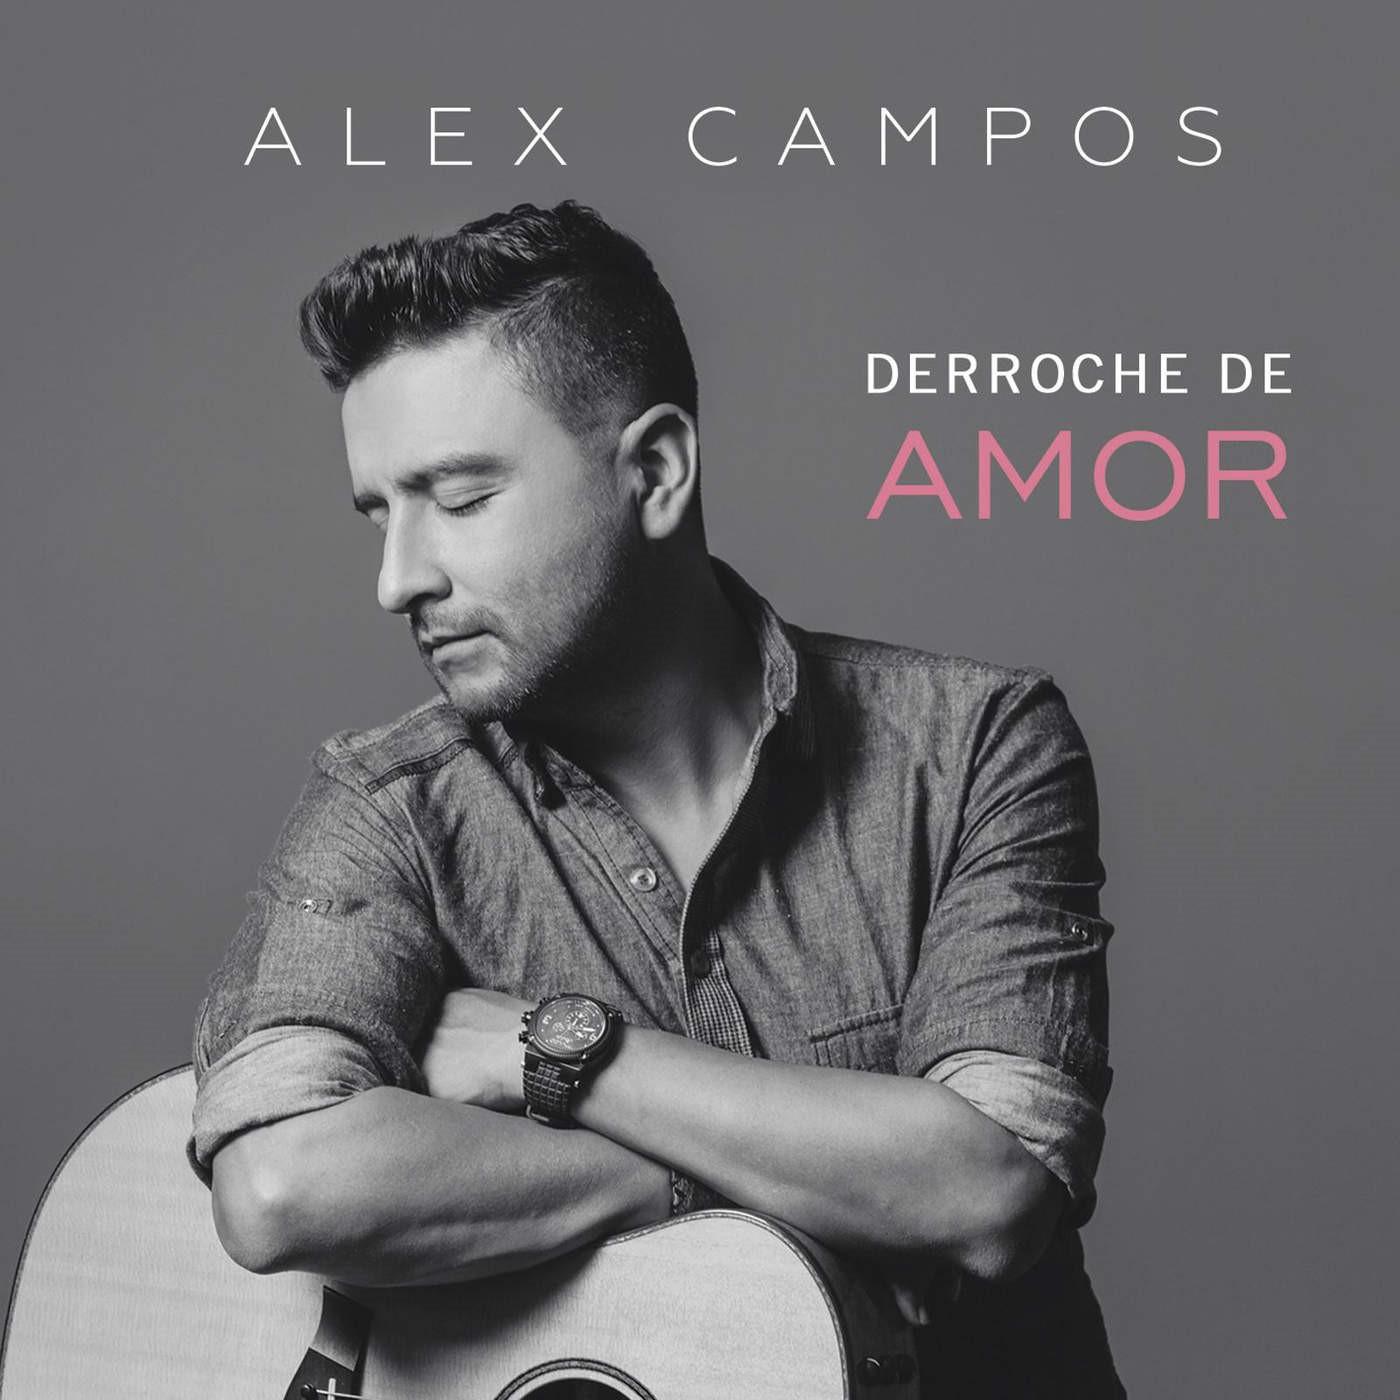 Alex Campos - El poeta - Descarga - Free - mp3 - Download